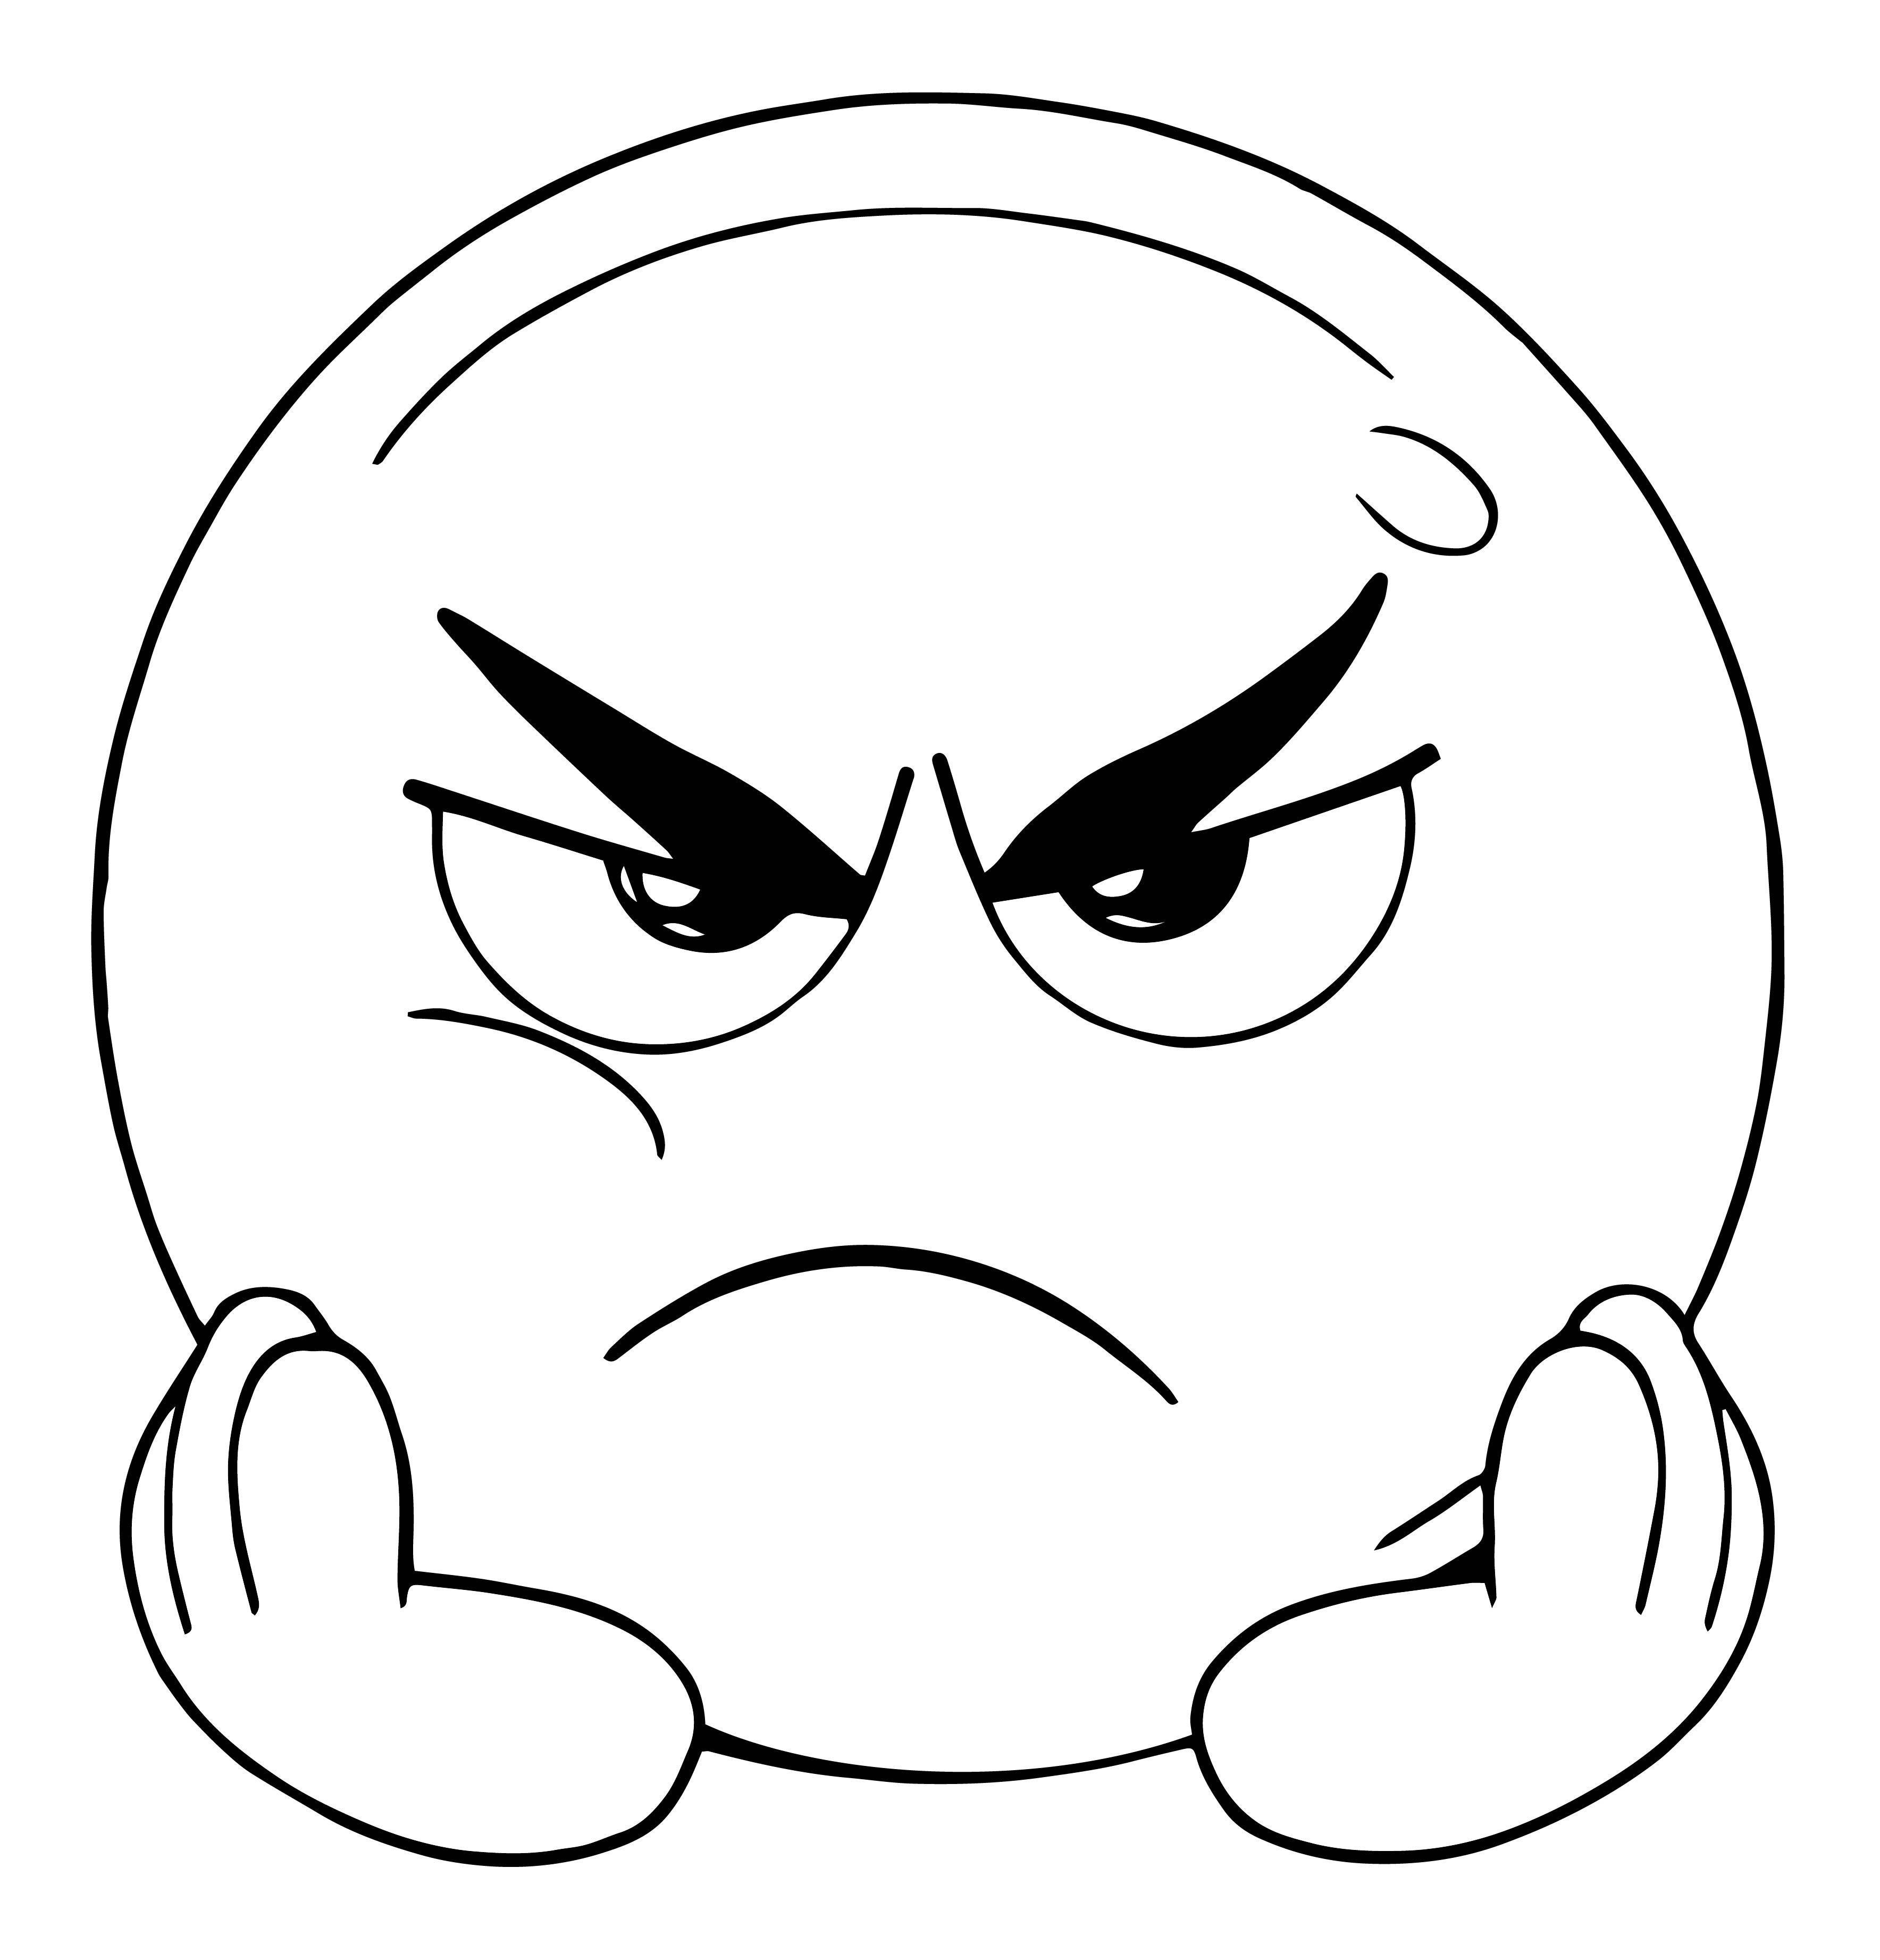 Respekt Kindergarten English Saygi Anaokulu Anaokulu English Kindergarten Respekt Saygi Zeichentrickgesichter Cartoon Gesichter Zeichnen Malvorlagen